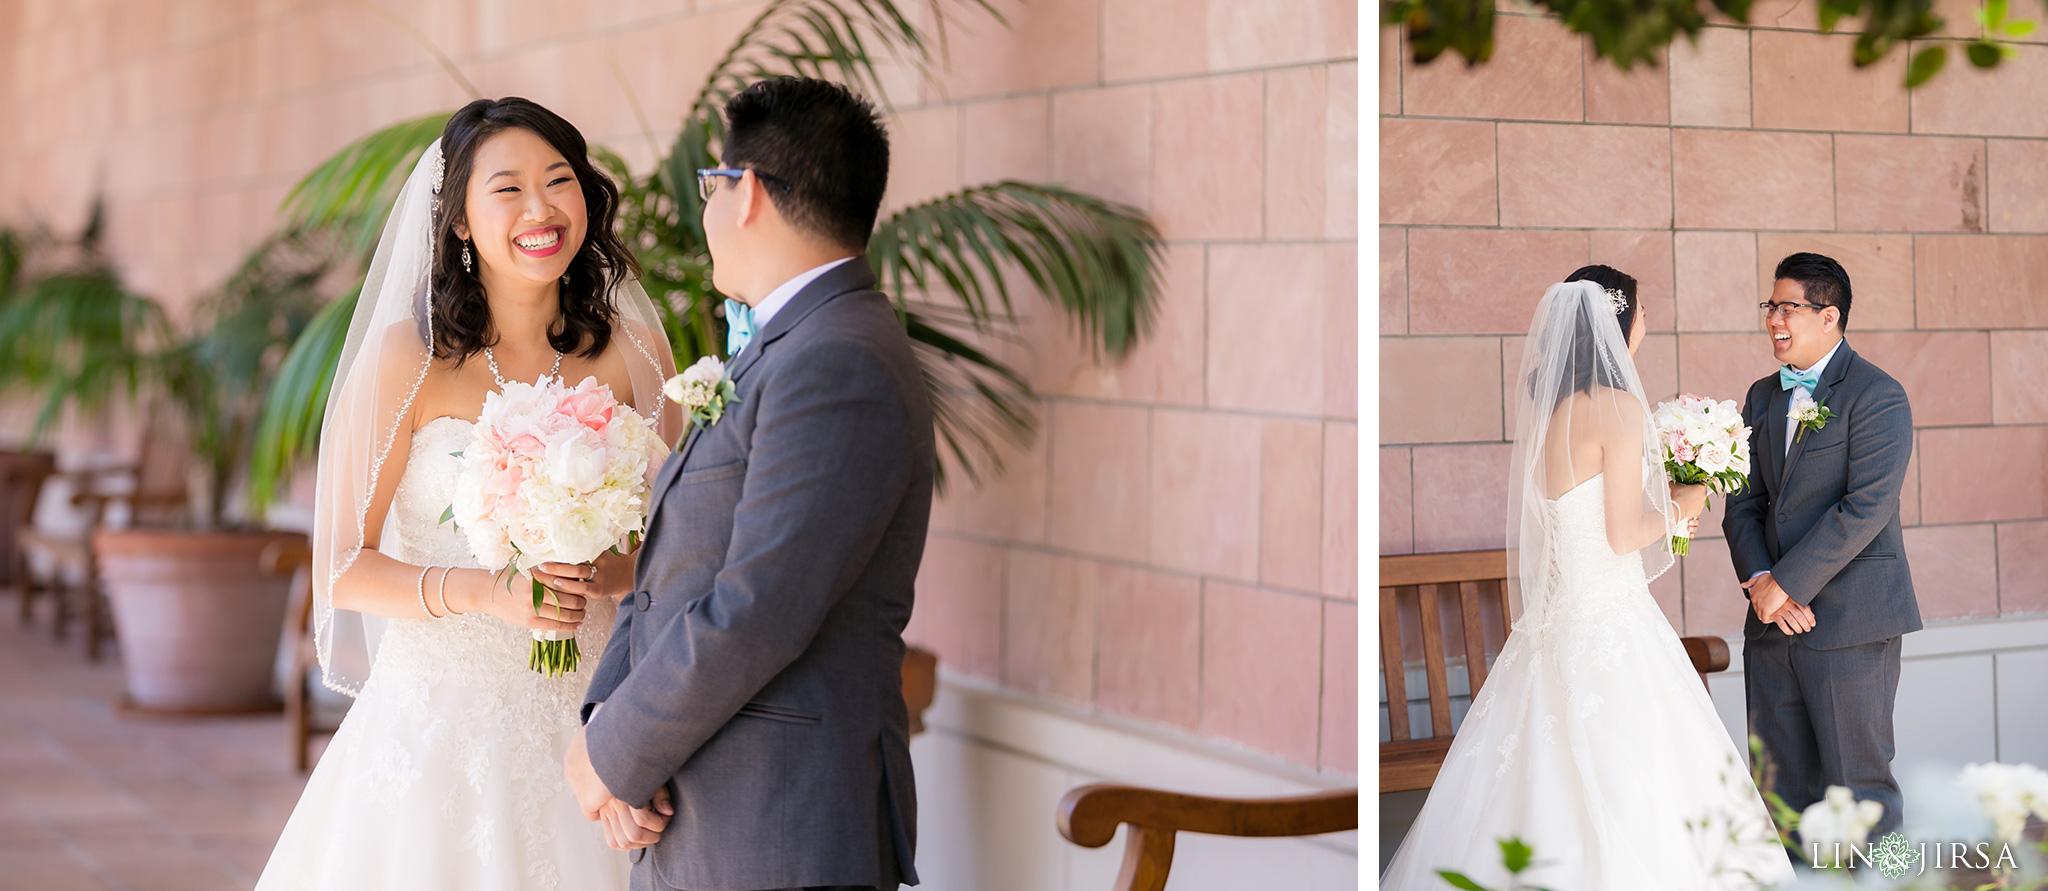 11-richard-nixon-libary-wedding-photography